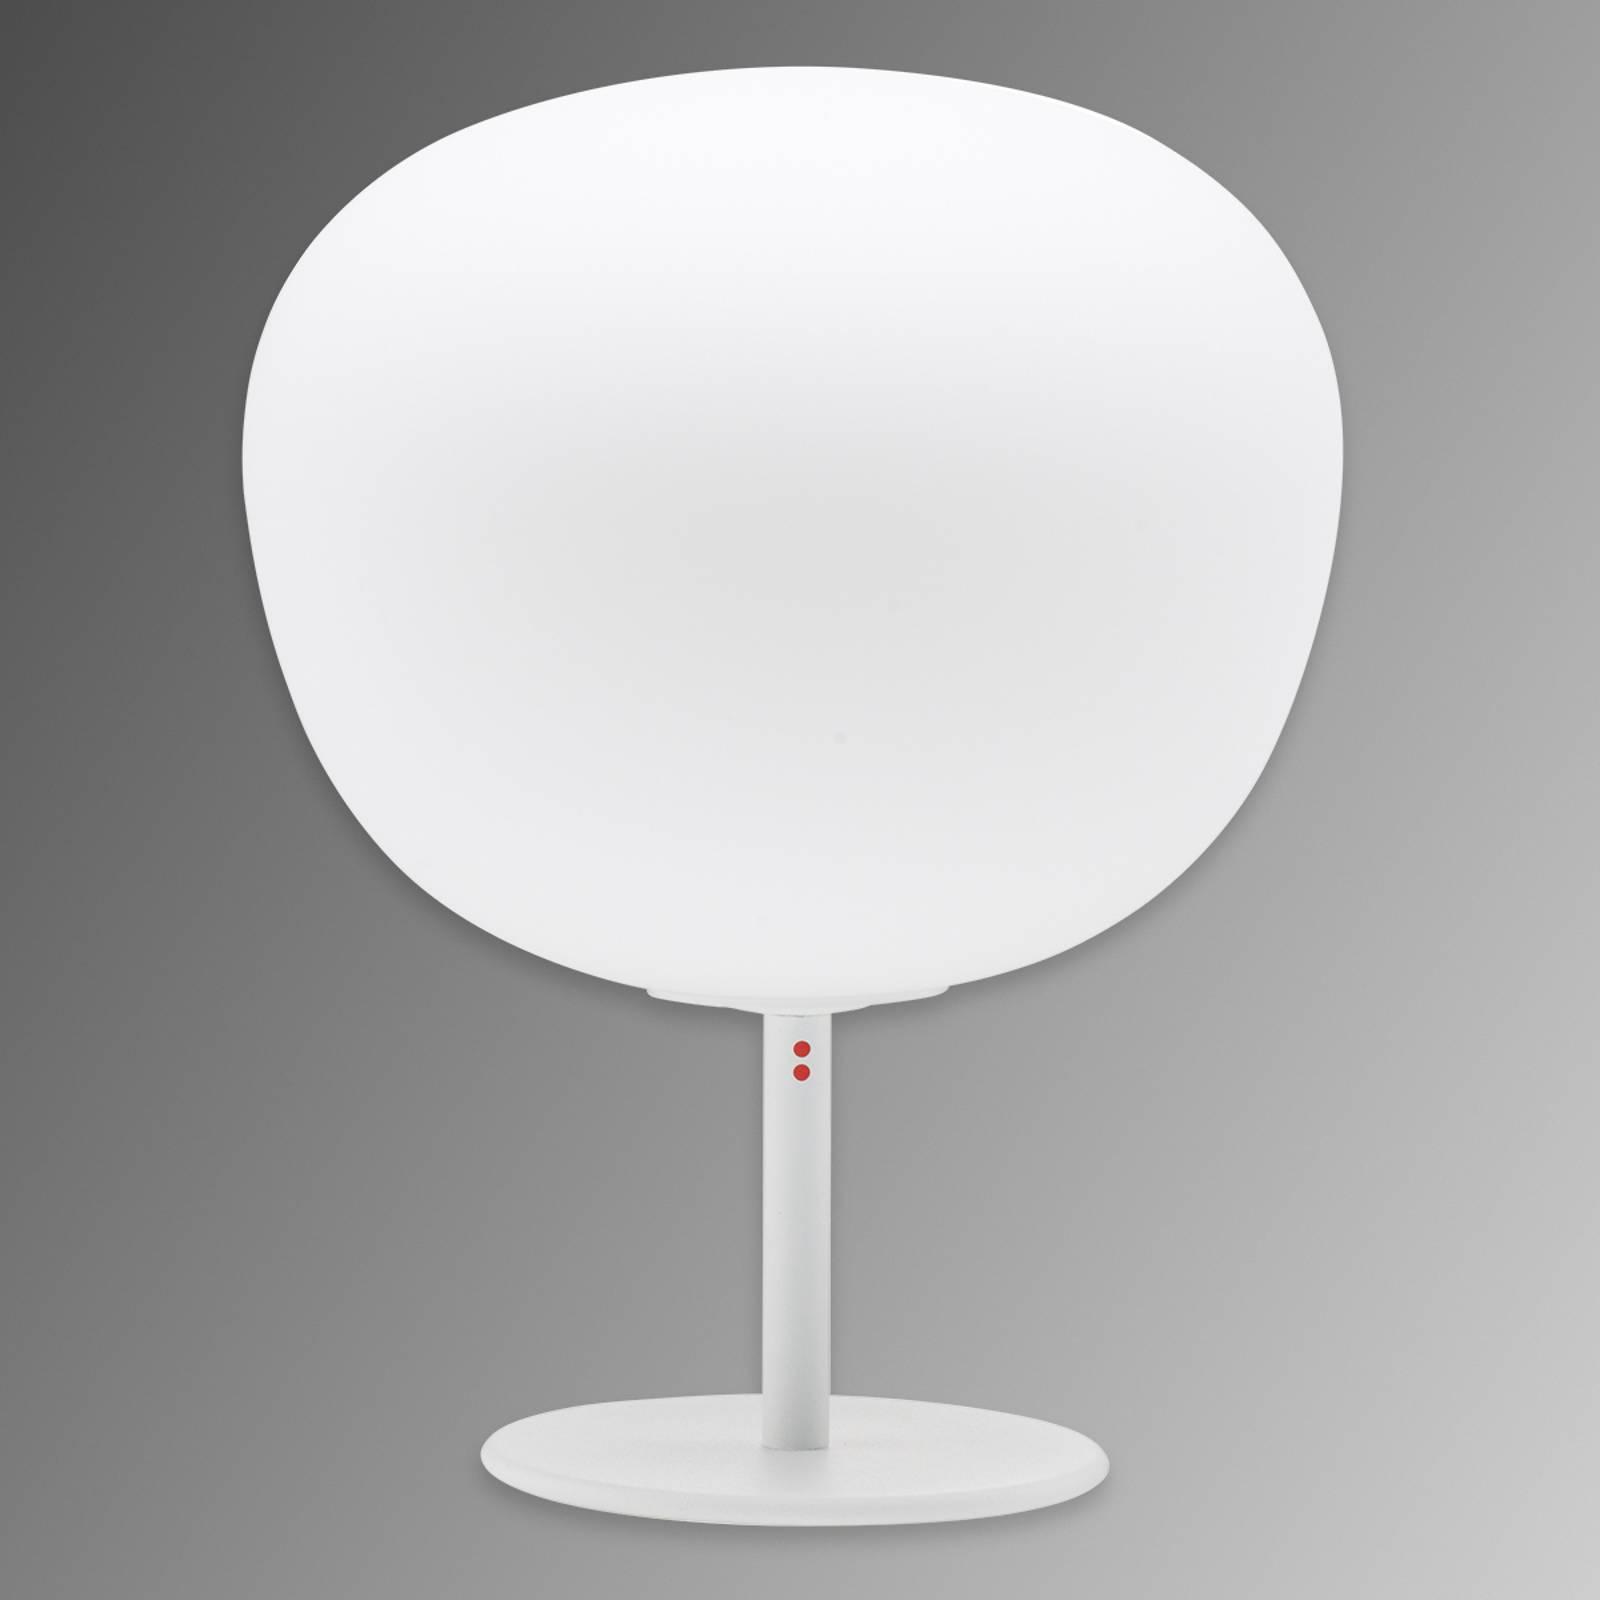 Fabbian Lumi Mochi Tischleuchte, stehend, Ø 20 cm günstig online kaufen